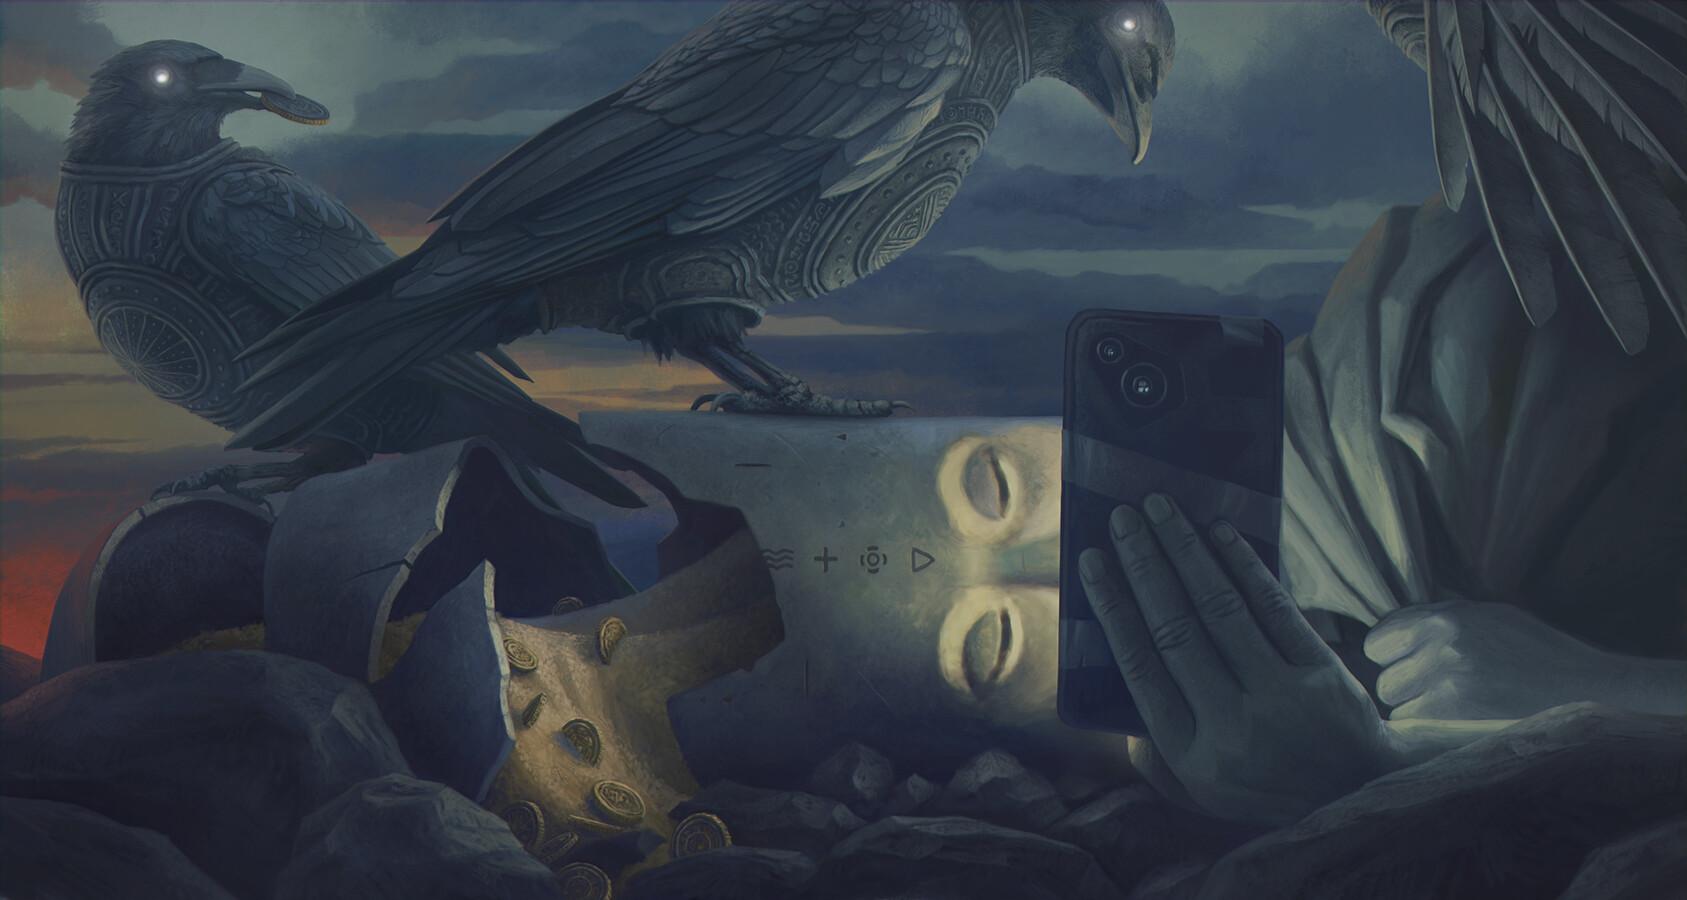 Digital Art Fantasy Art Alexey Egorov Phone Birds Coins 1687x900